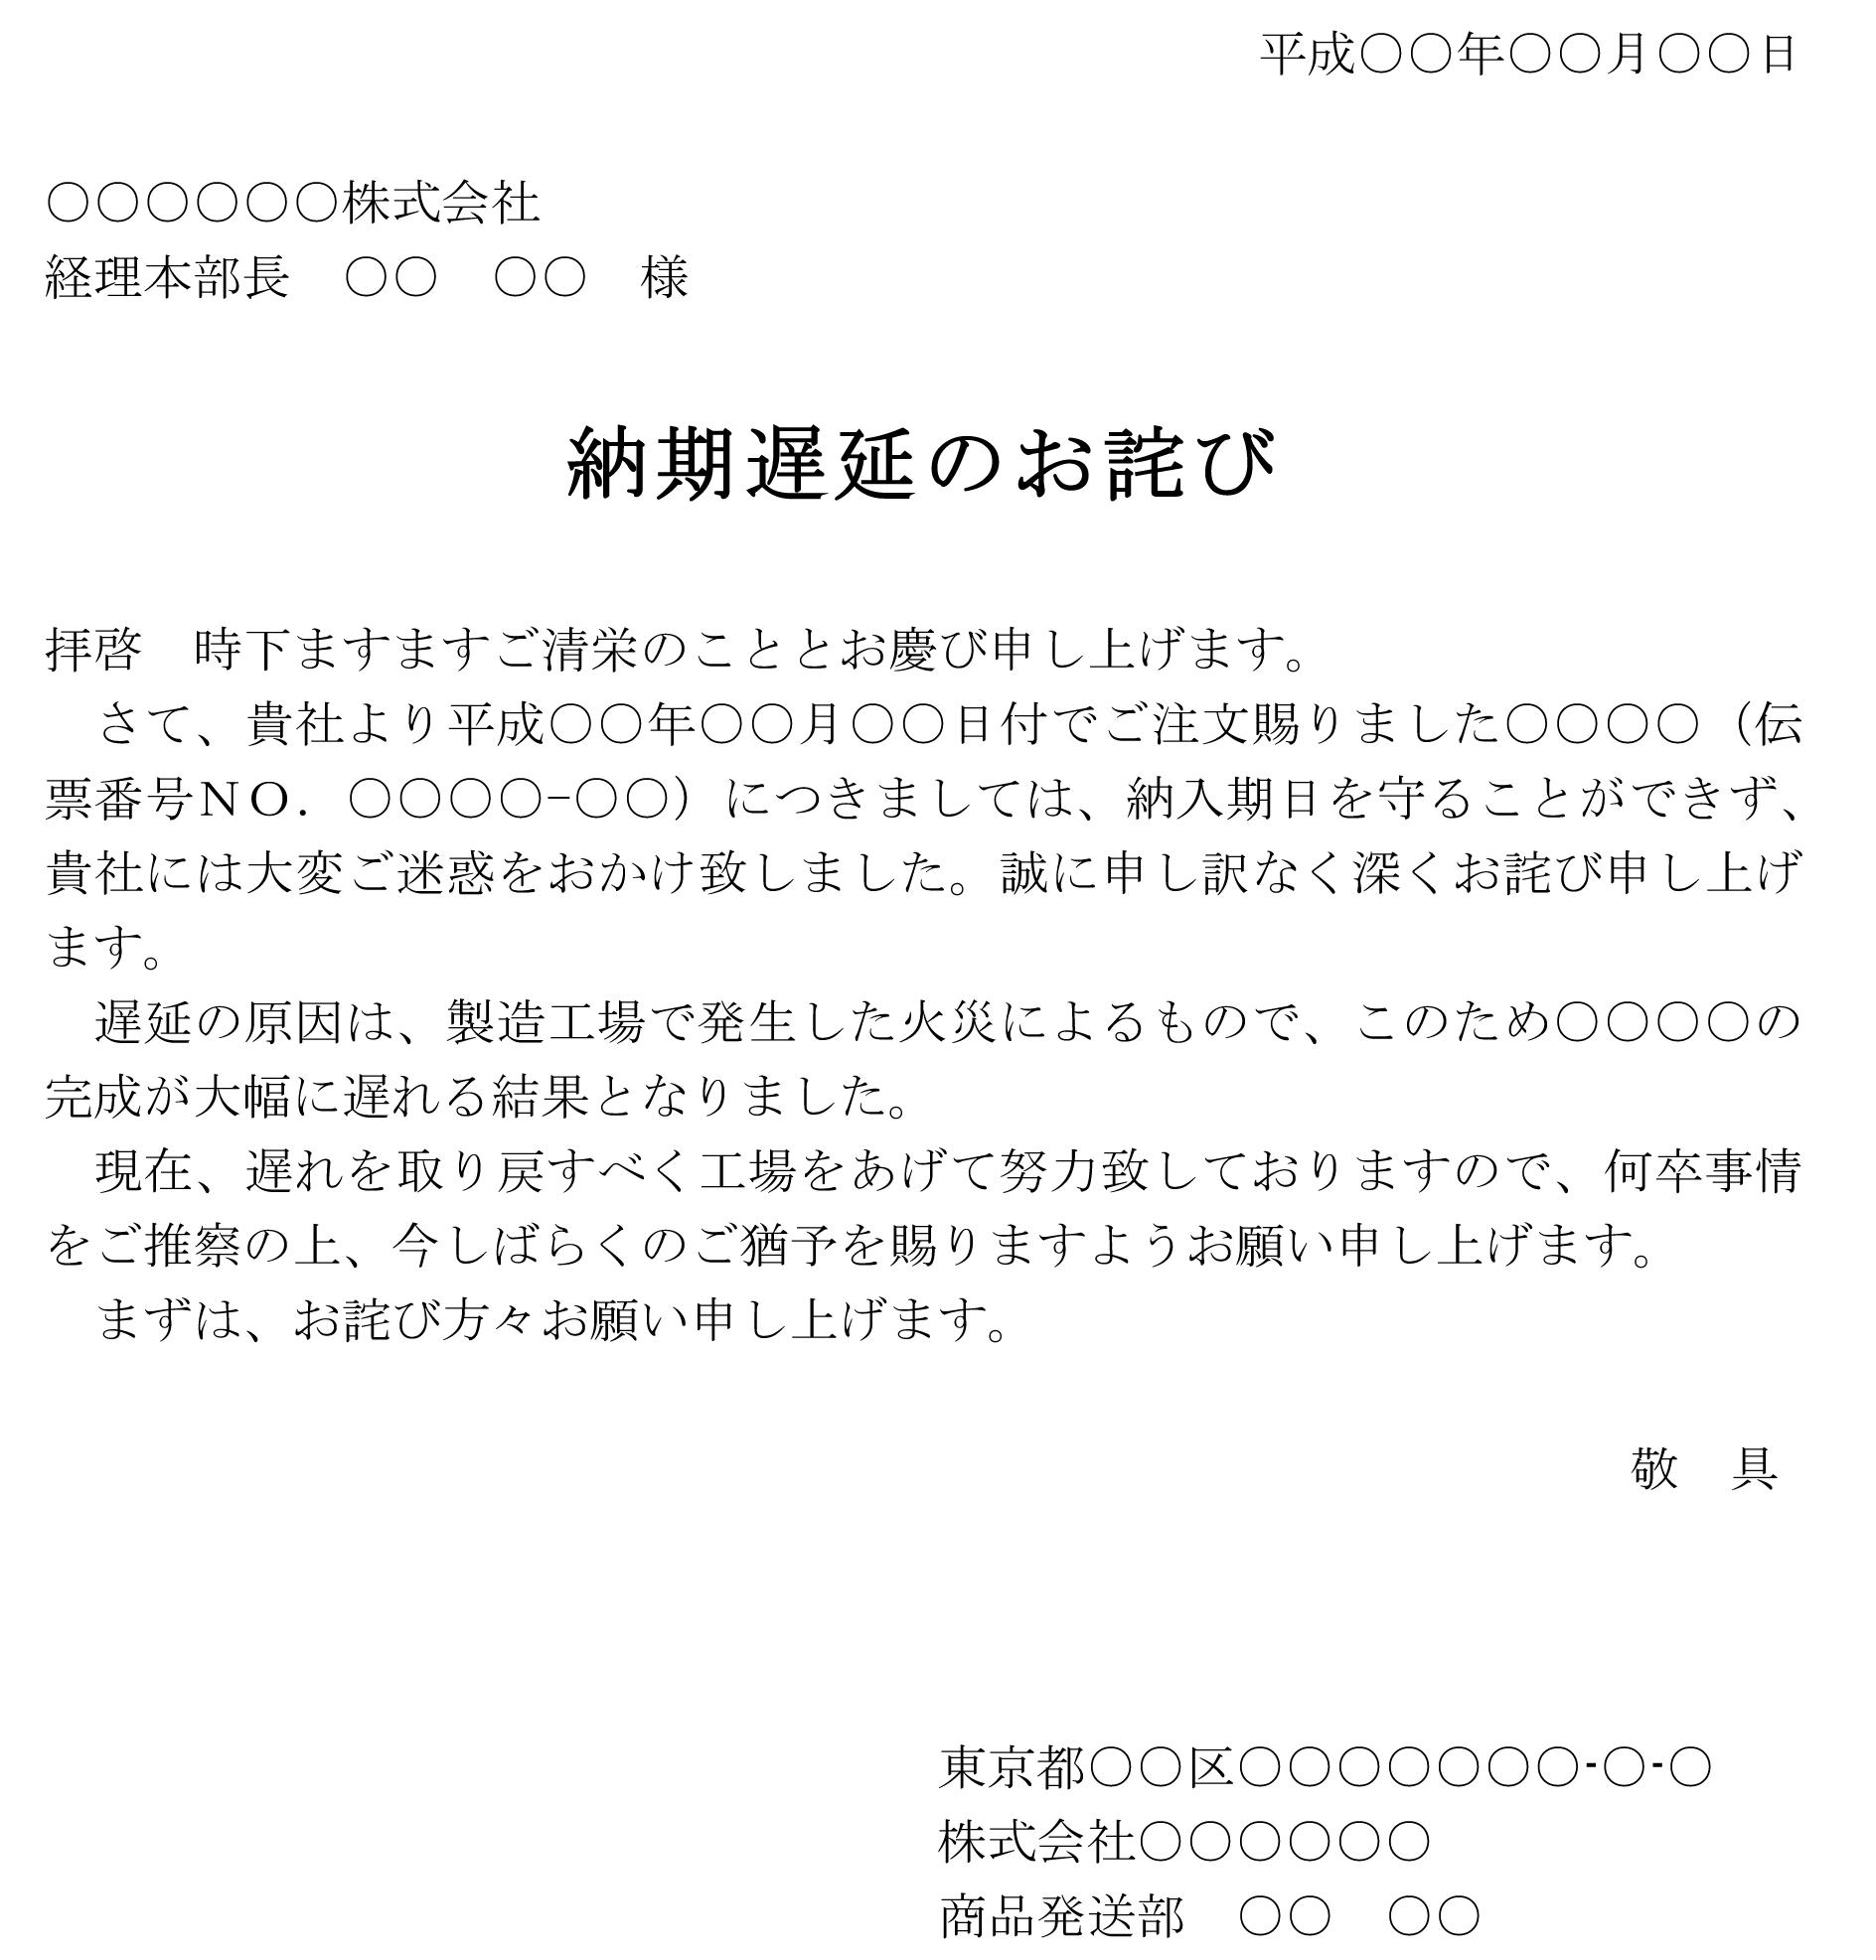 お詫び状(納期遅延)02